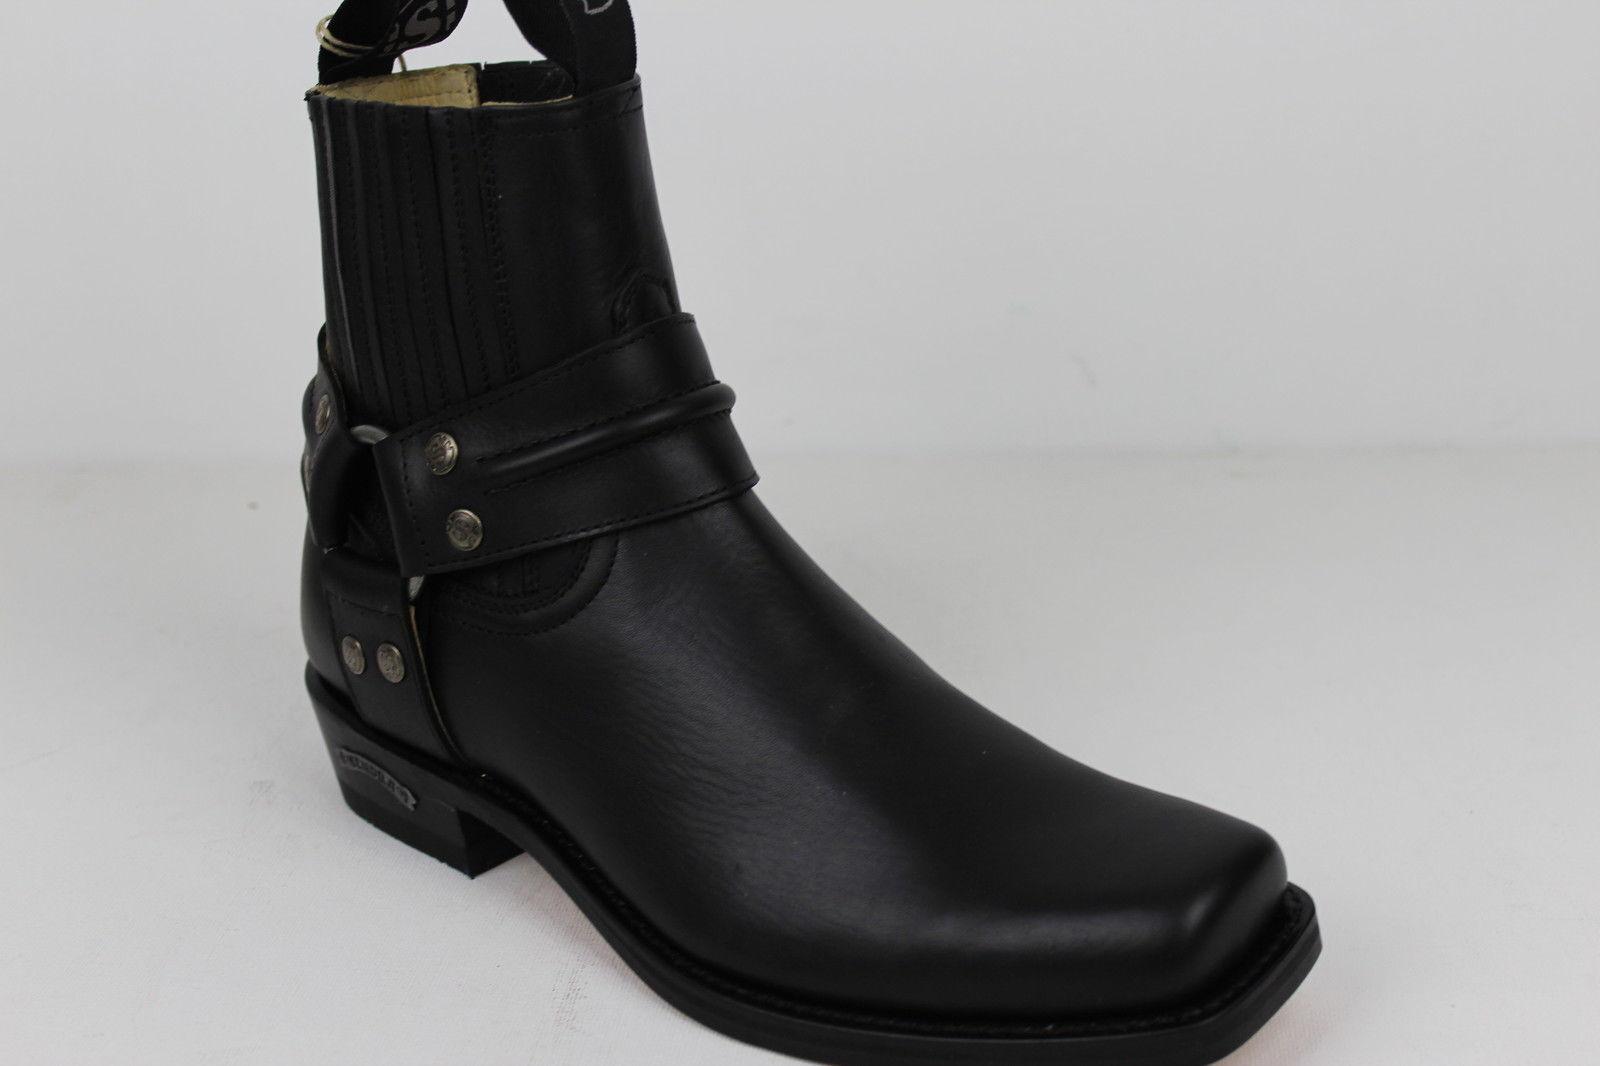 Sendra botas botas vaqueras botas Western botas motocicleta botas Sendra motorista 2746 negro 6a4c3d